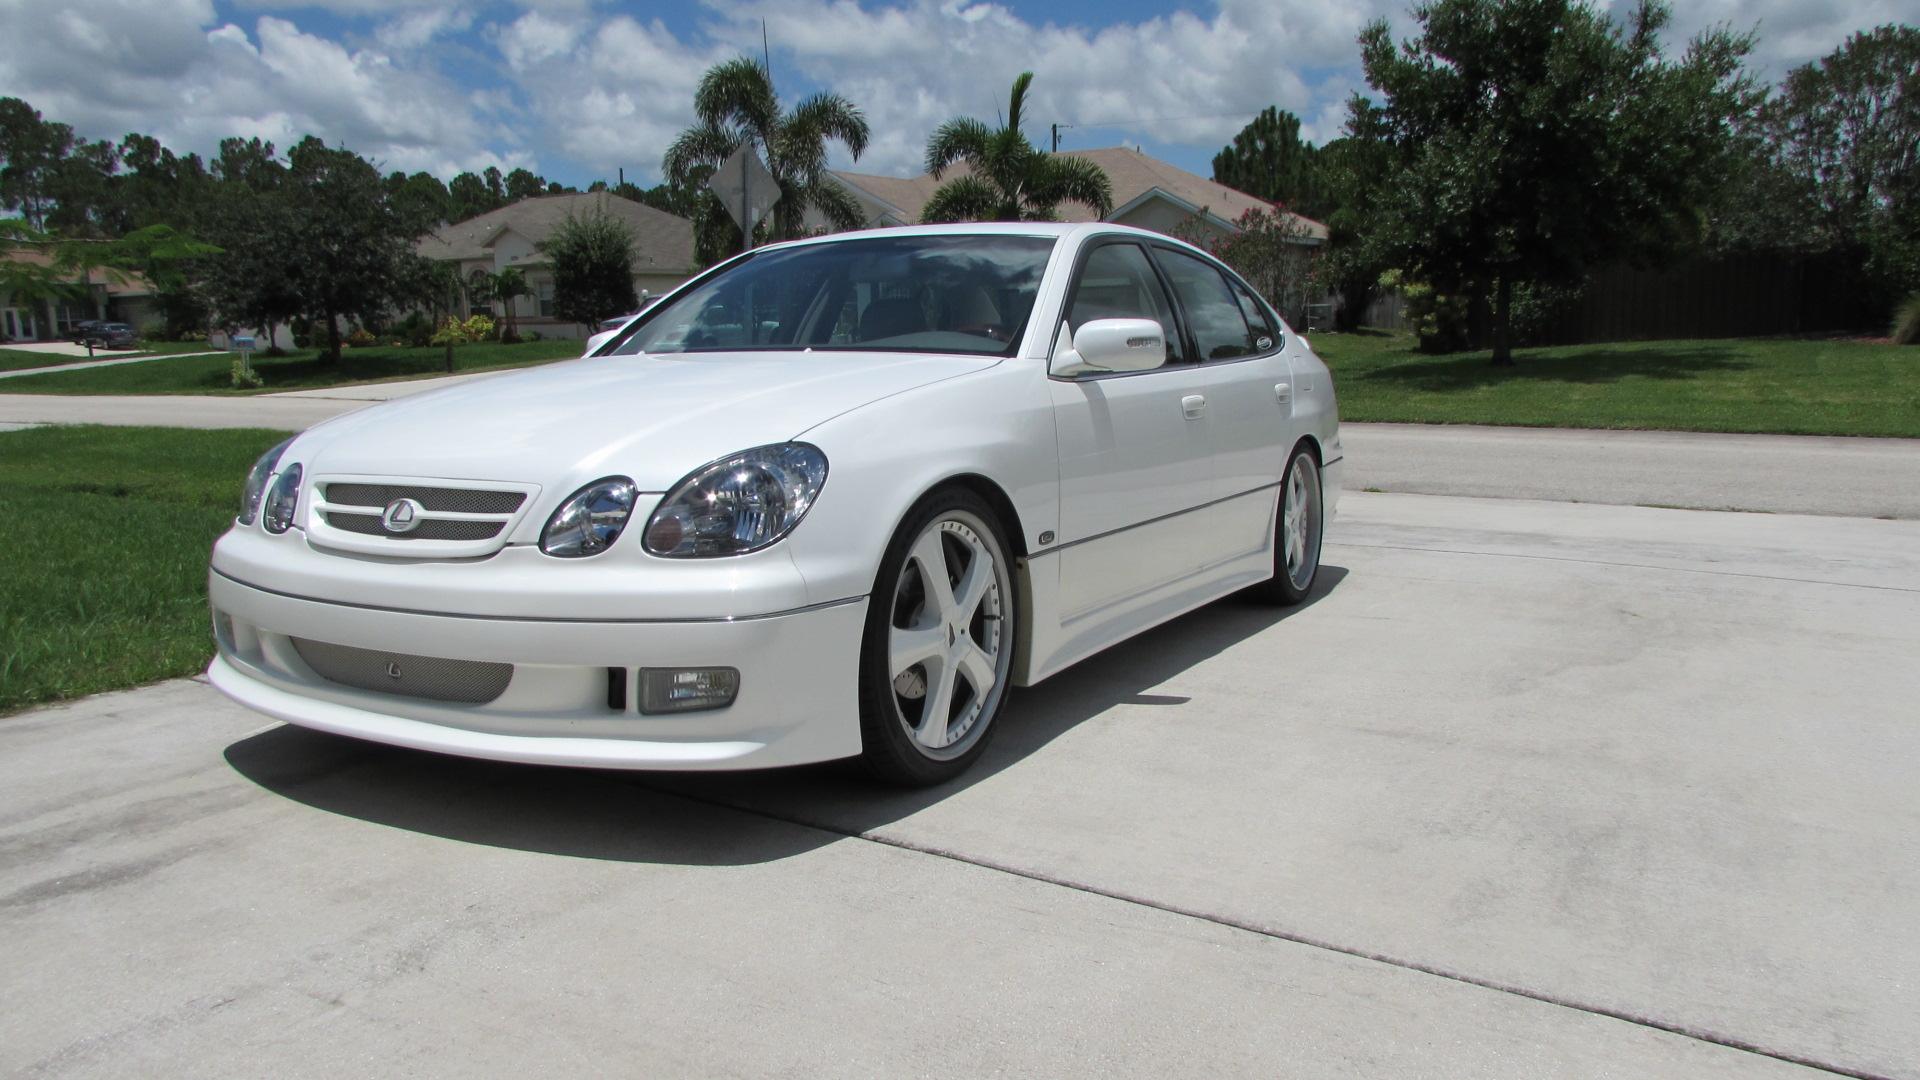 FL for sale lexus 2000 GS400 ClubLexus Lexus Forum Discussion